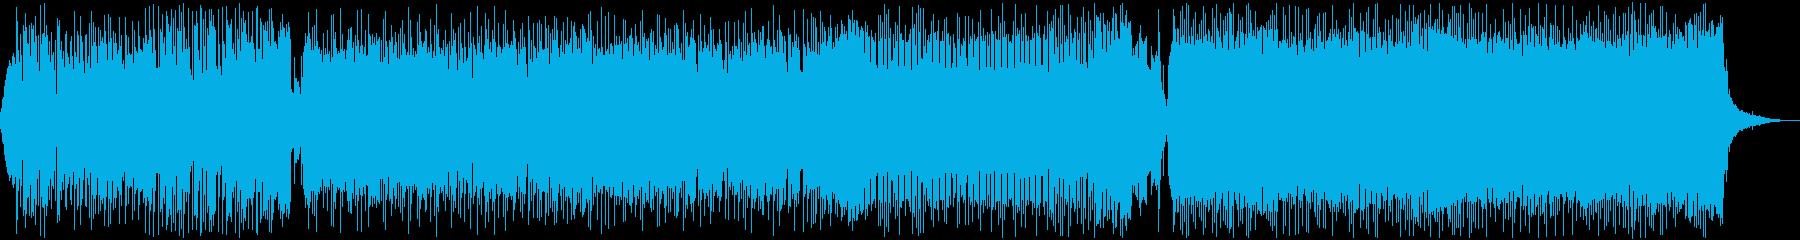 可愛いFuture Bass 声ありの再生済みの波形